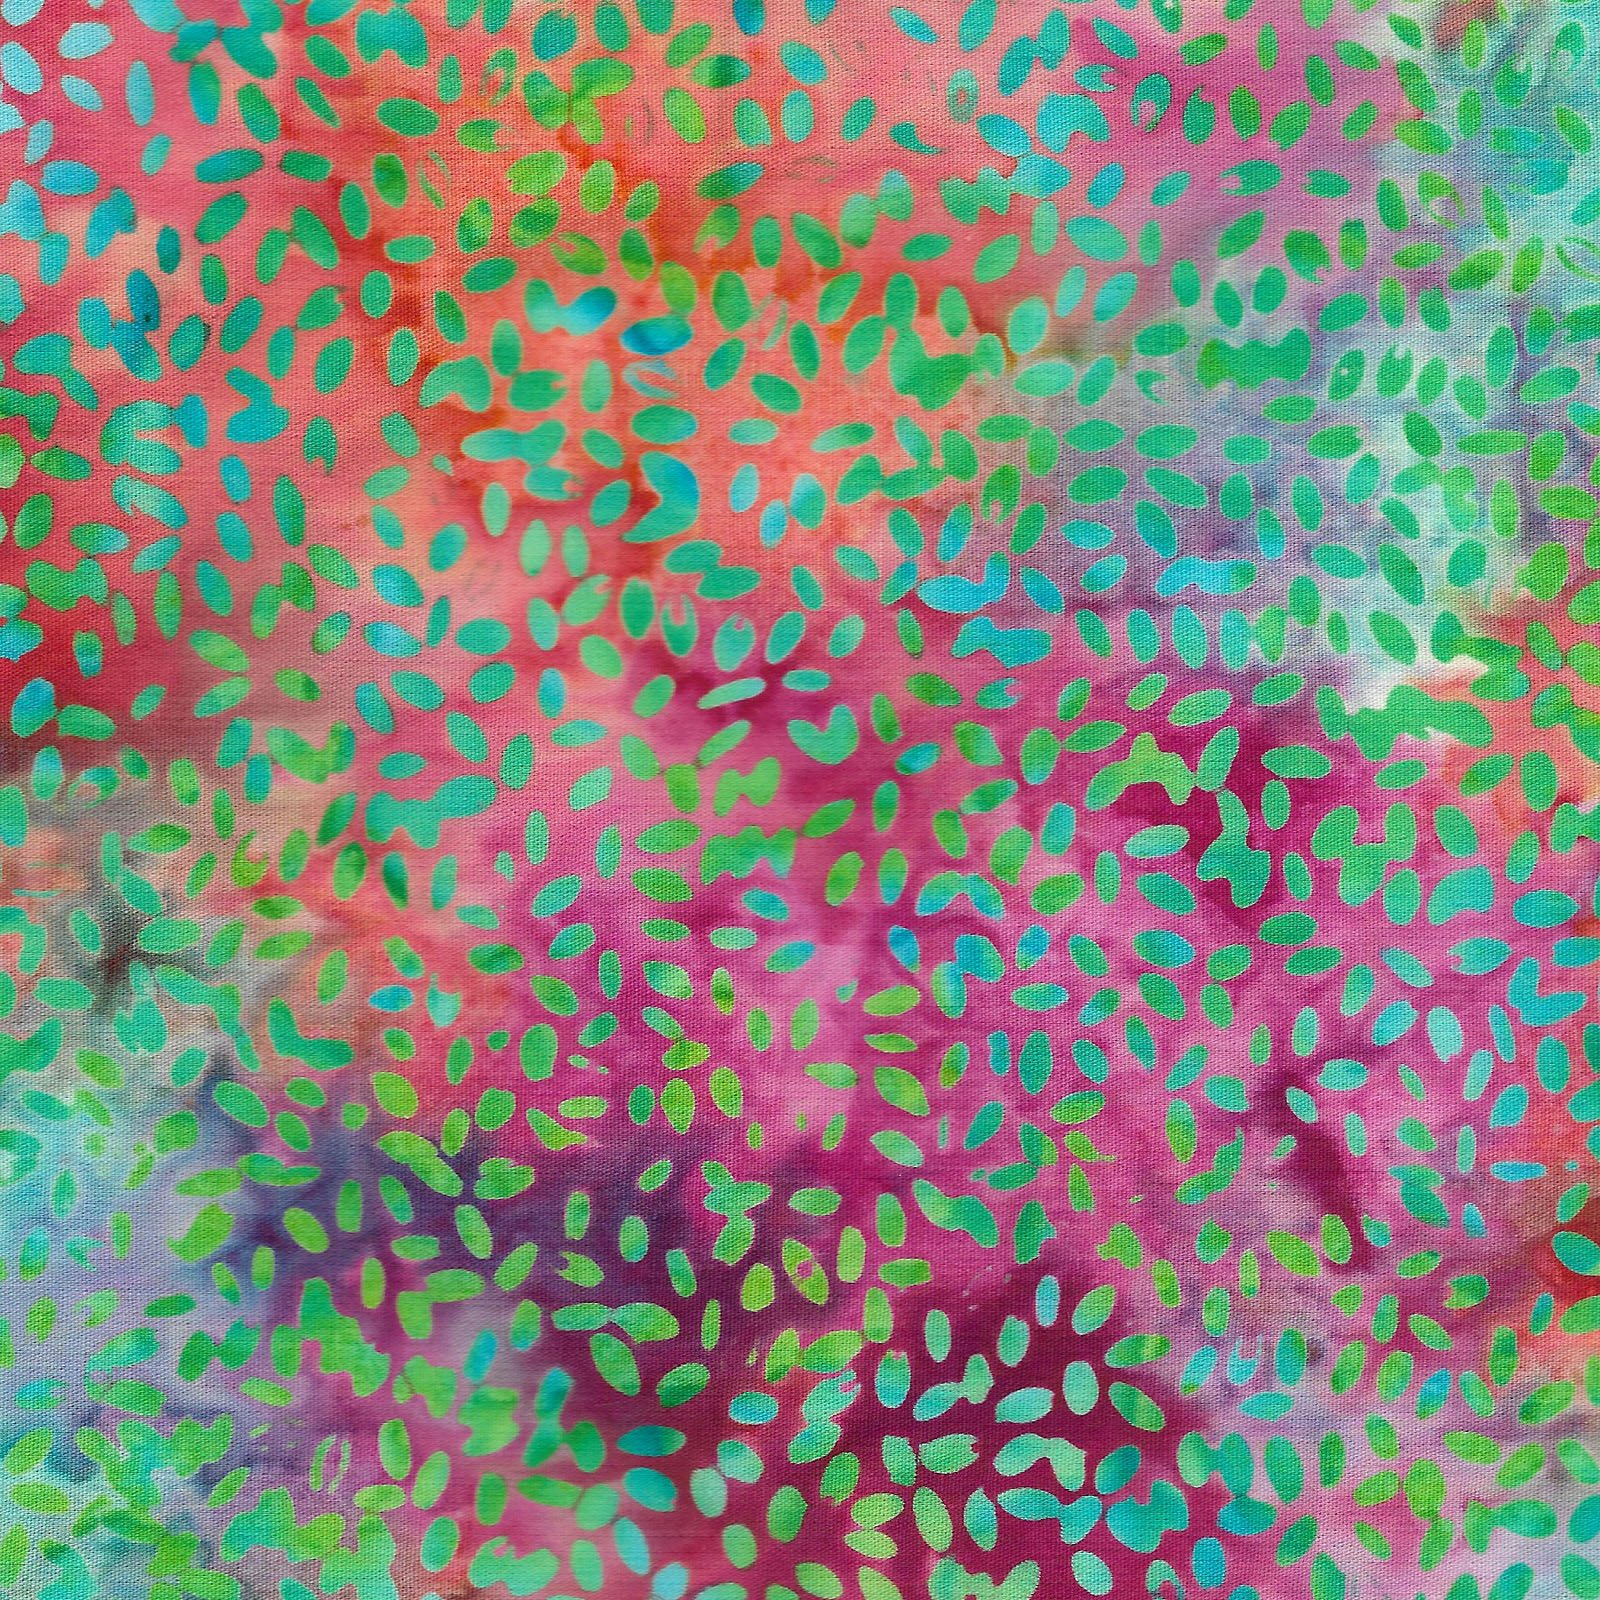 Kismet Seeds Rainbow<br/>Island Batik 821905875